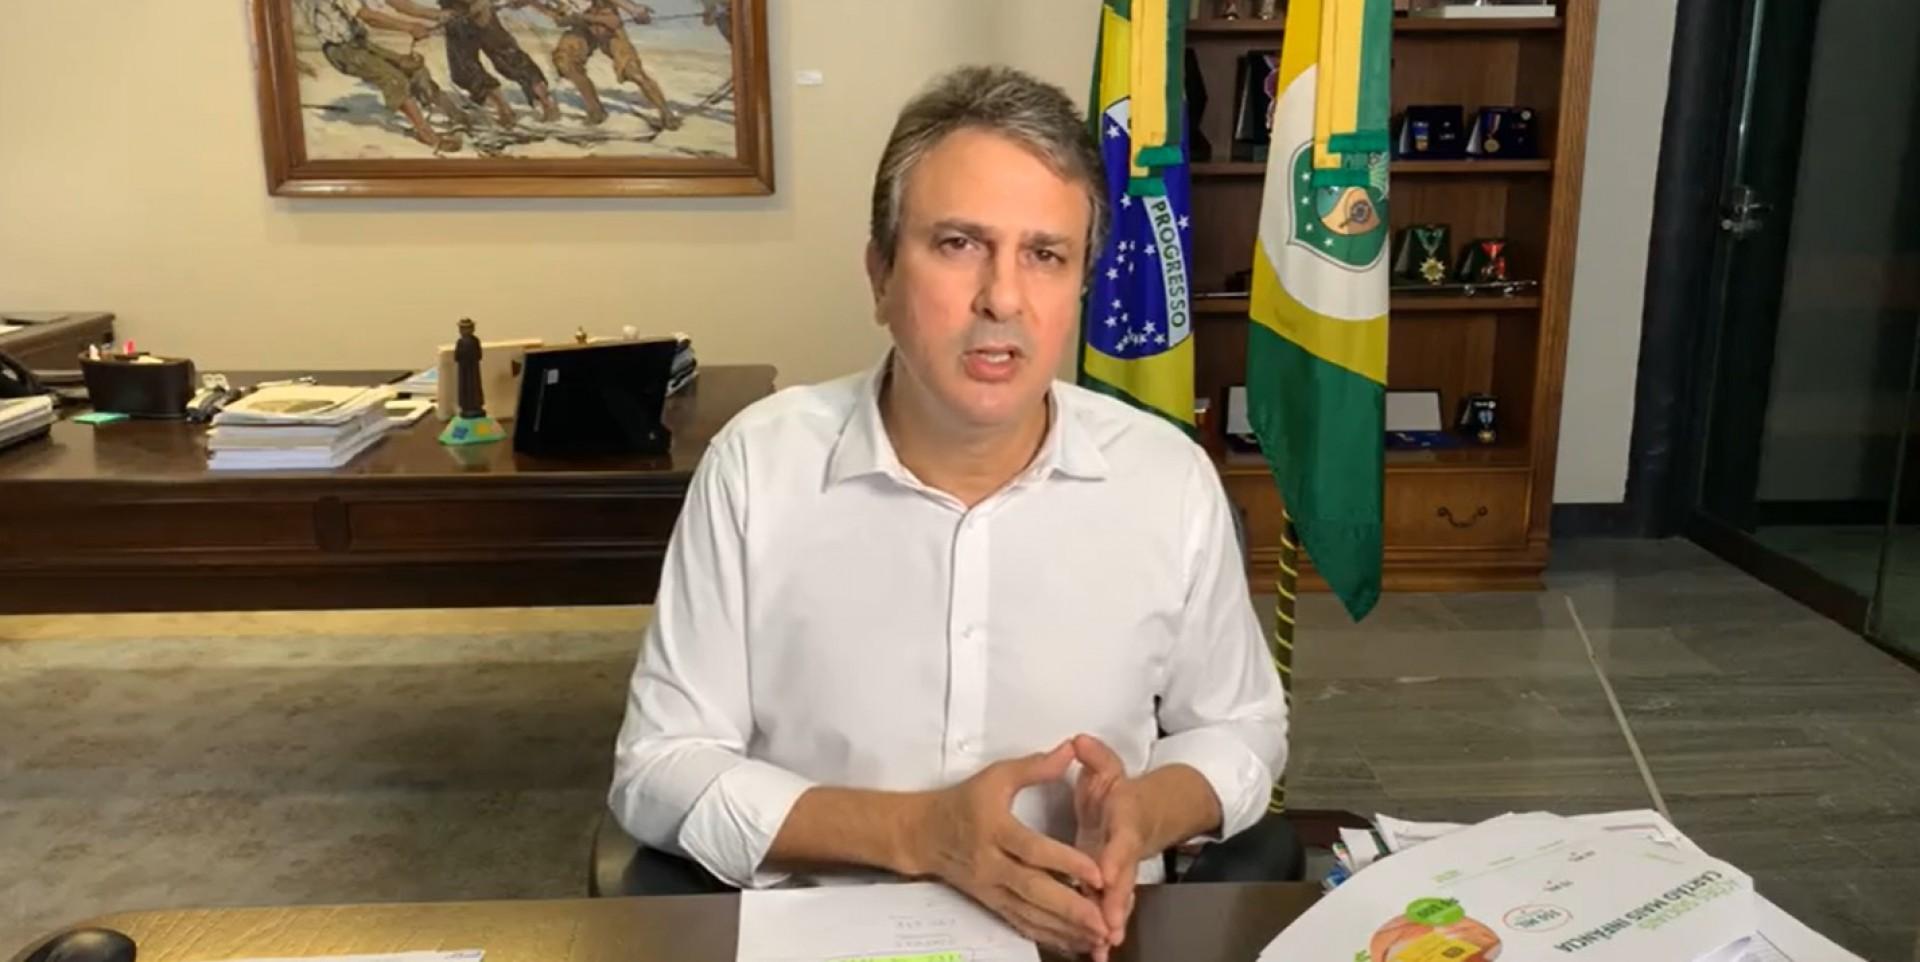 A polícia investiga ameaça de morte contra o governador que circula em grupos do WhatsApp.